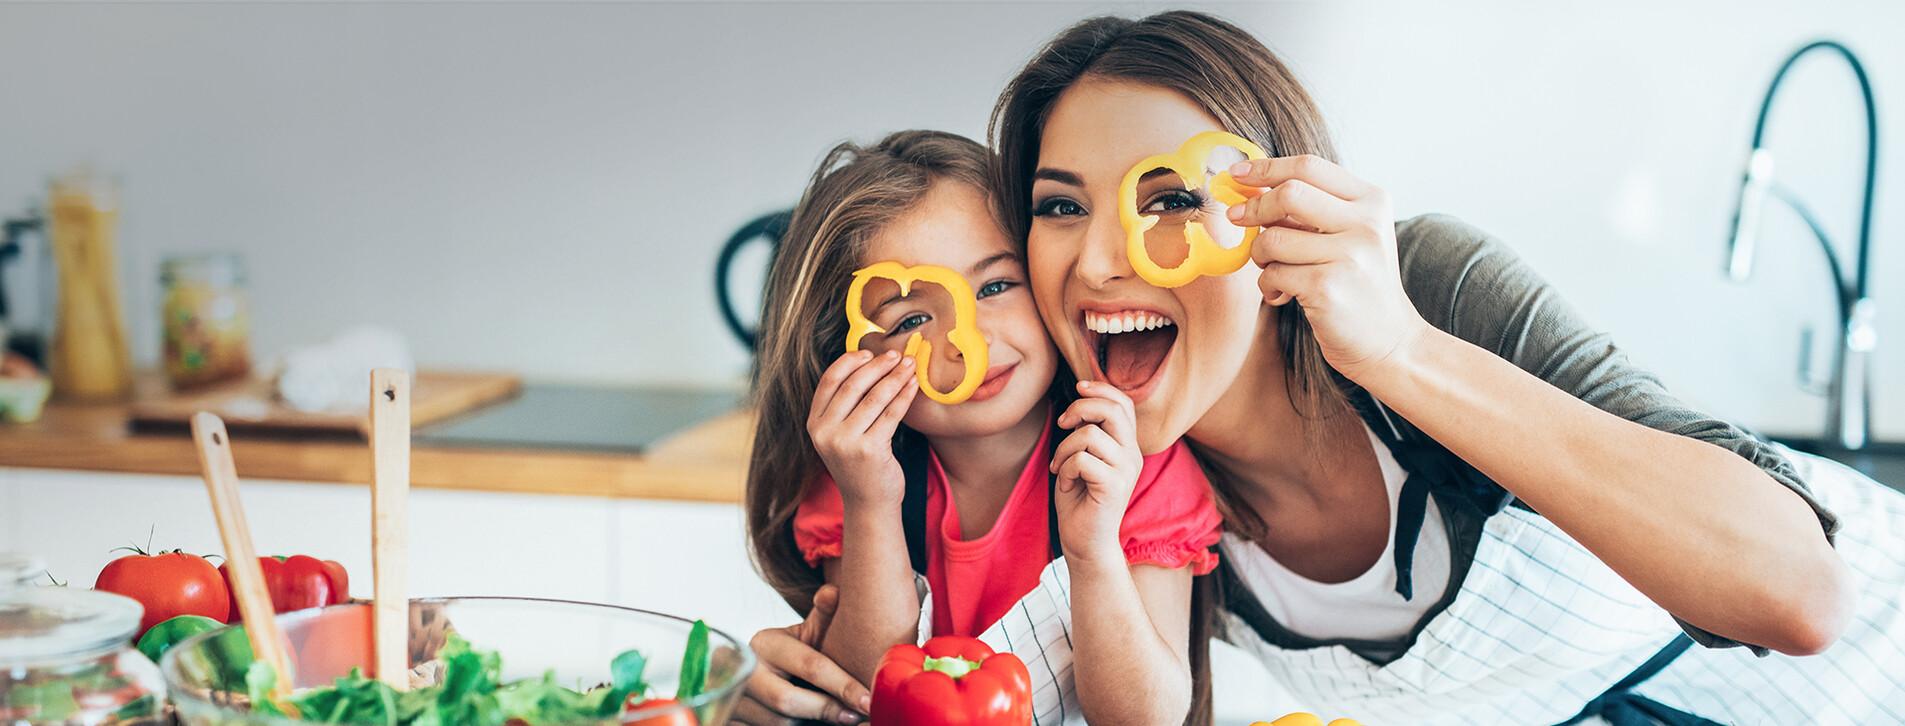 Фото 1 - Детский кулинарный мастер-класс для двоих